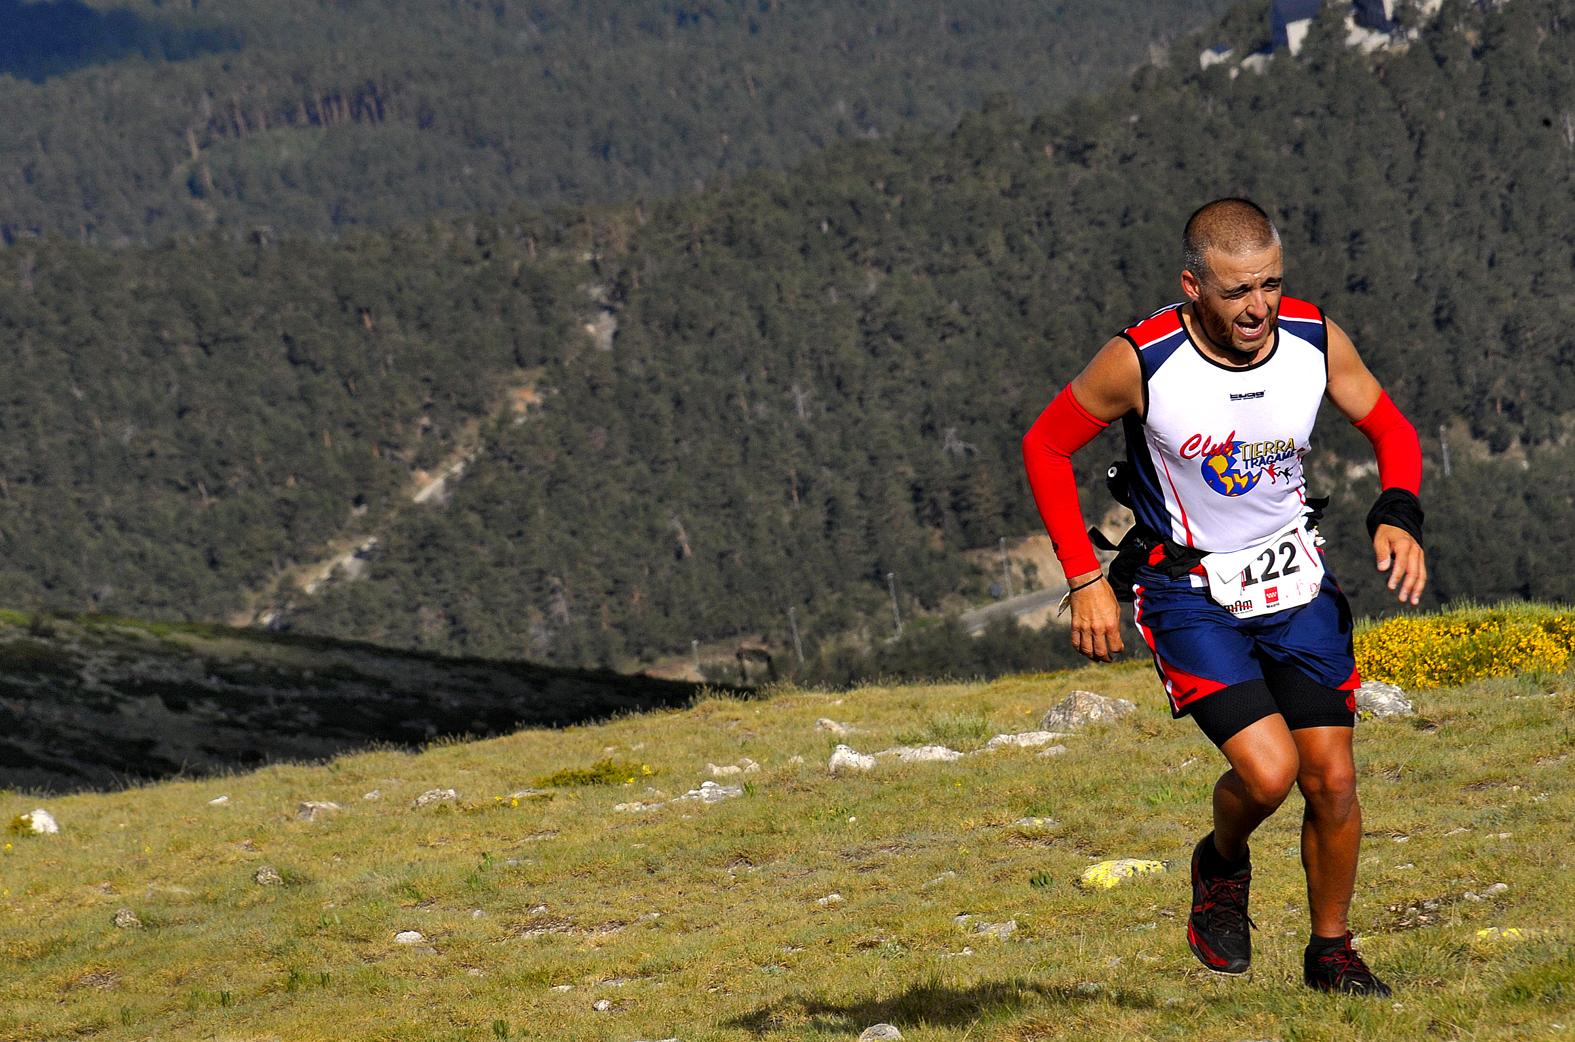 El Maratón Alpino Madrileño abre inscripciones el 15 de abril